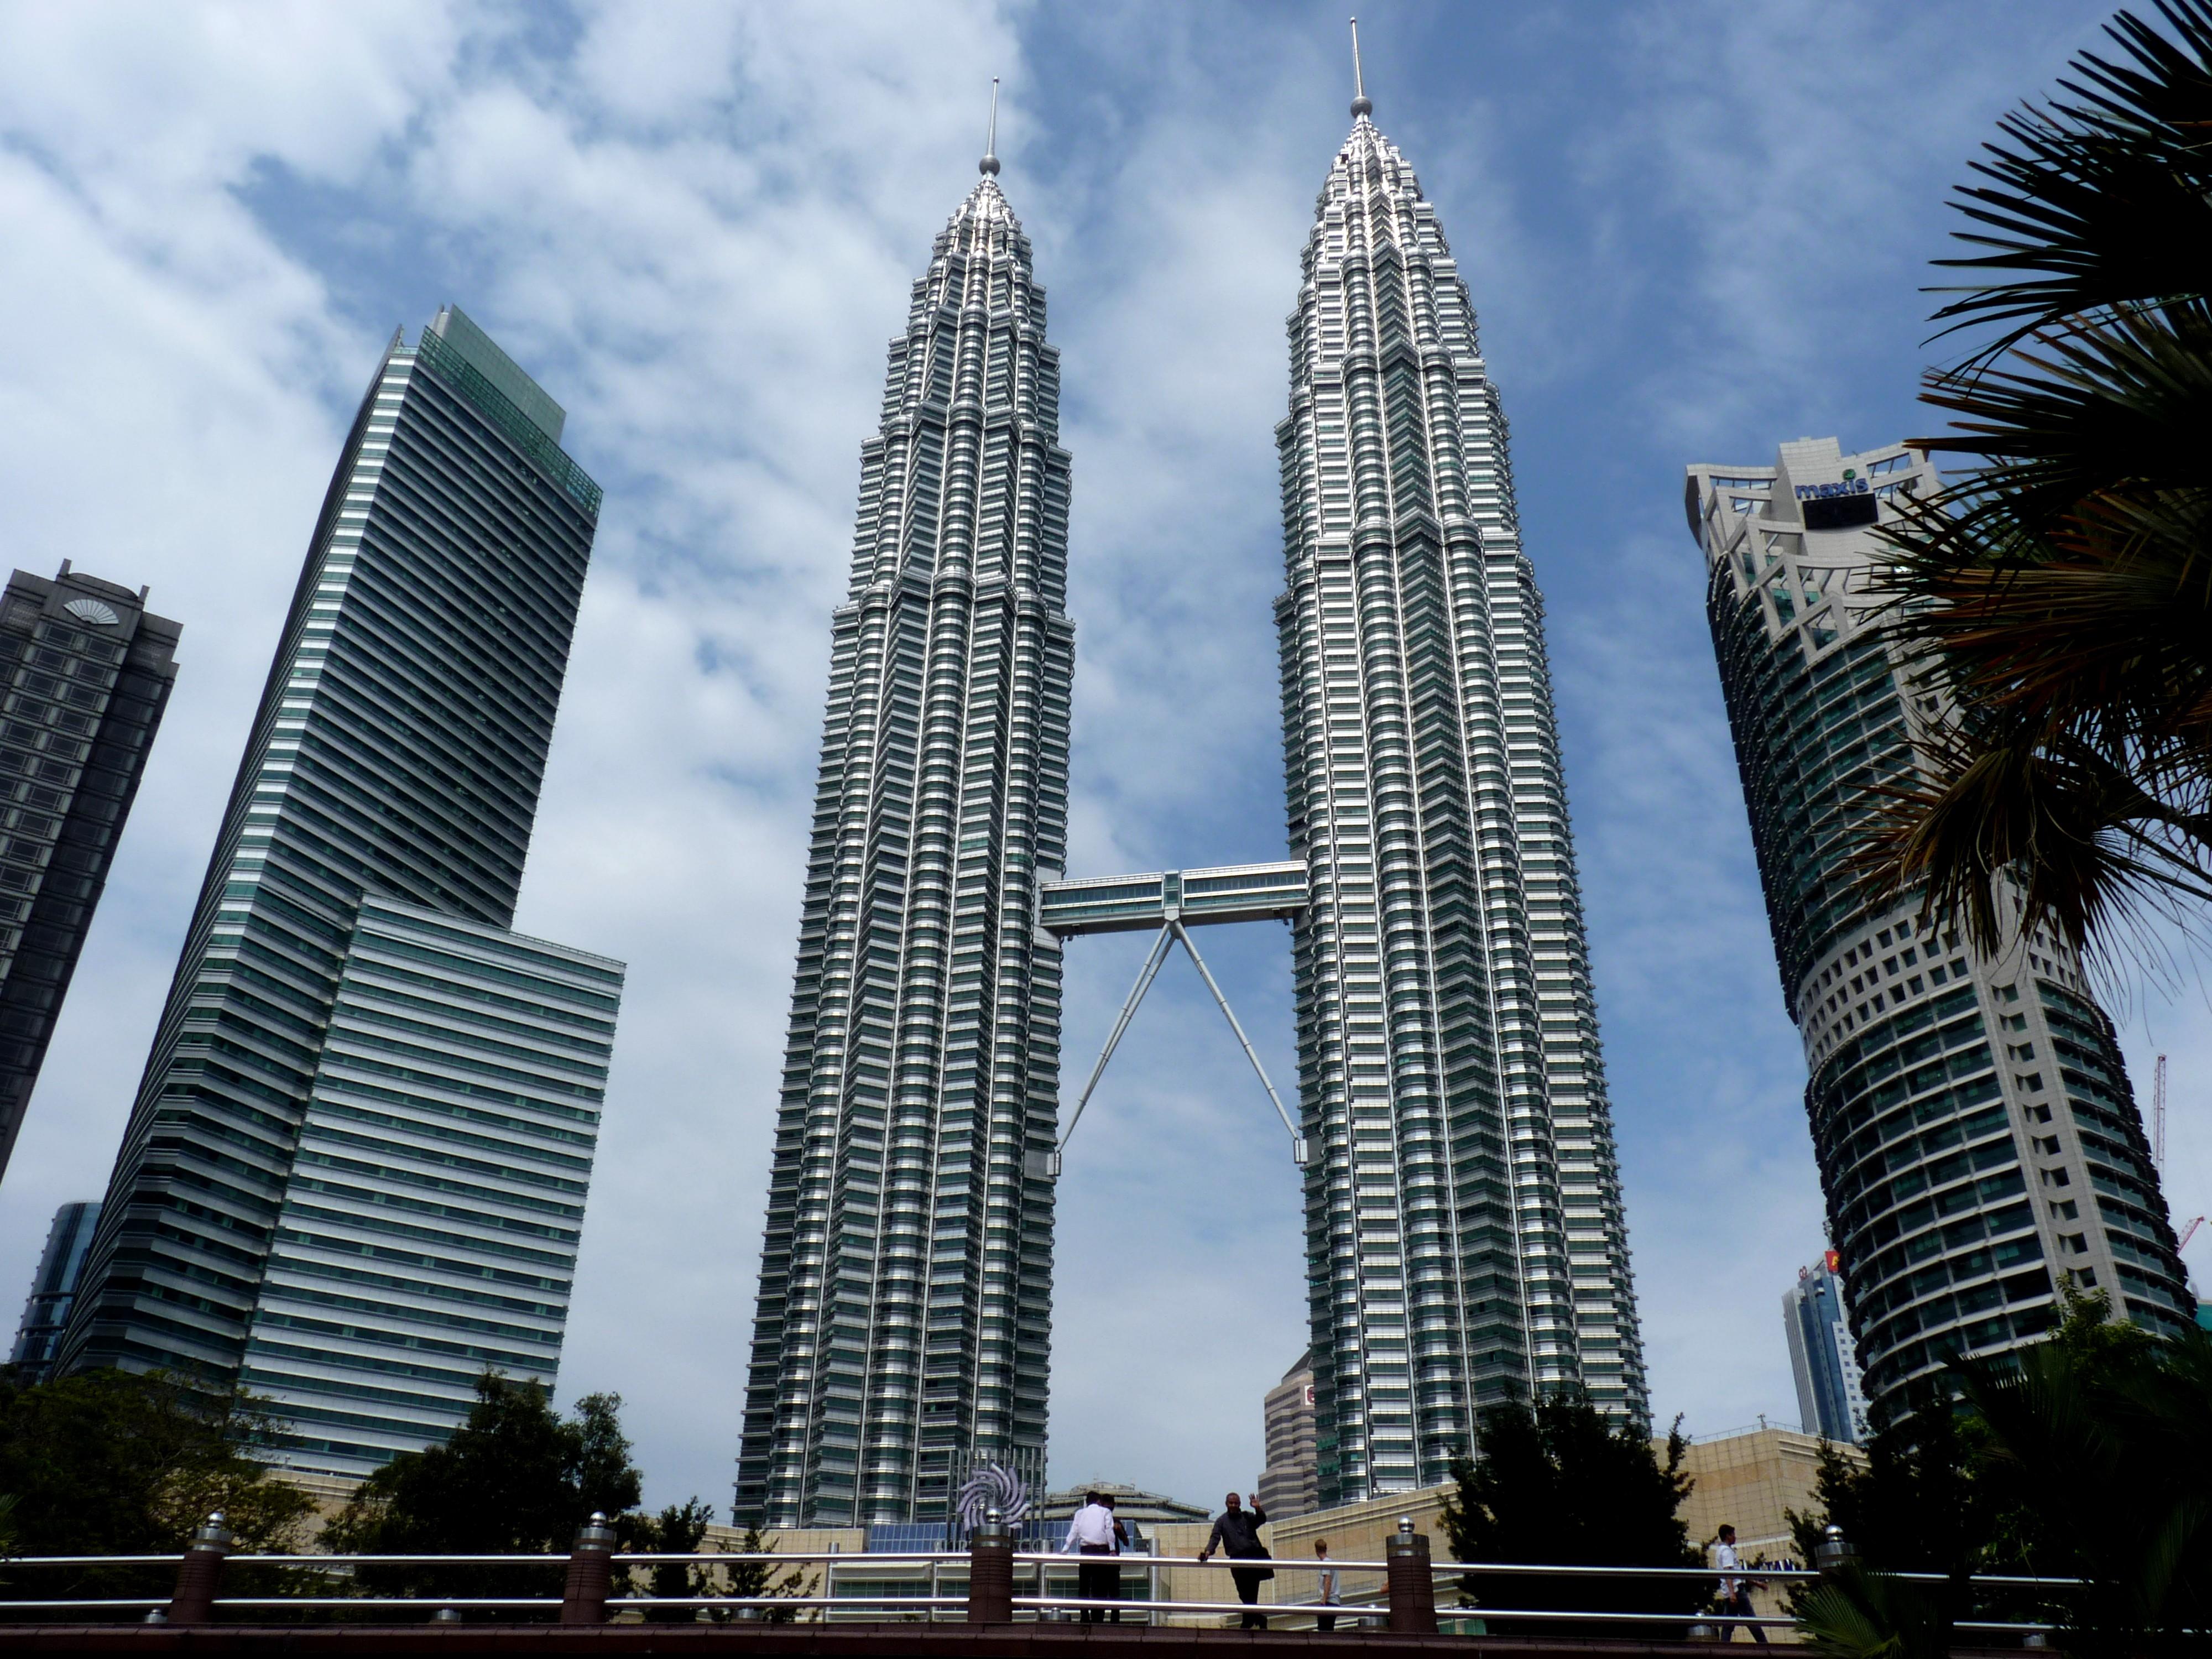 du hoc malaysia co hoi hoc tap tai cac trung tam giao duc cao cap Du học Malaysia: Cơ hội học tập tại các Trung tâm giáo dục cao cấp